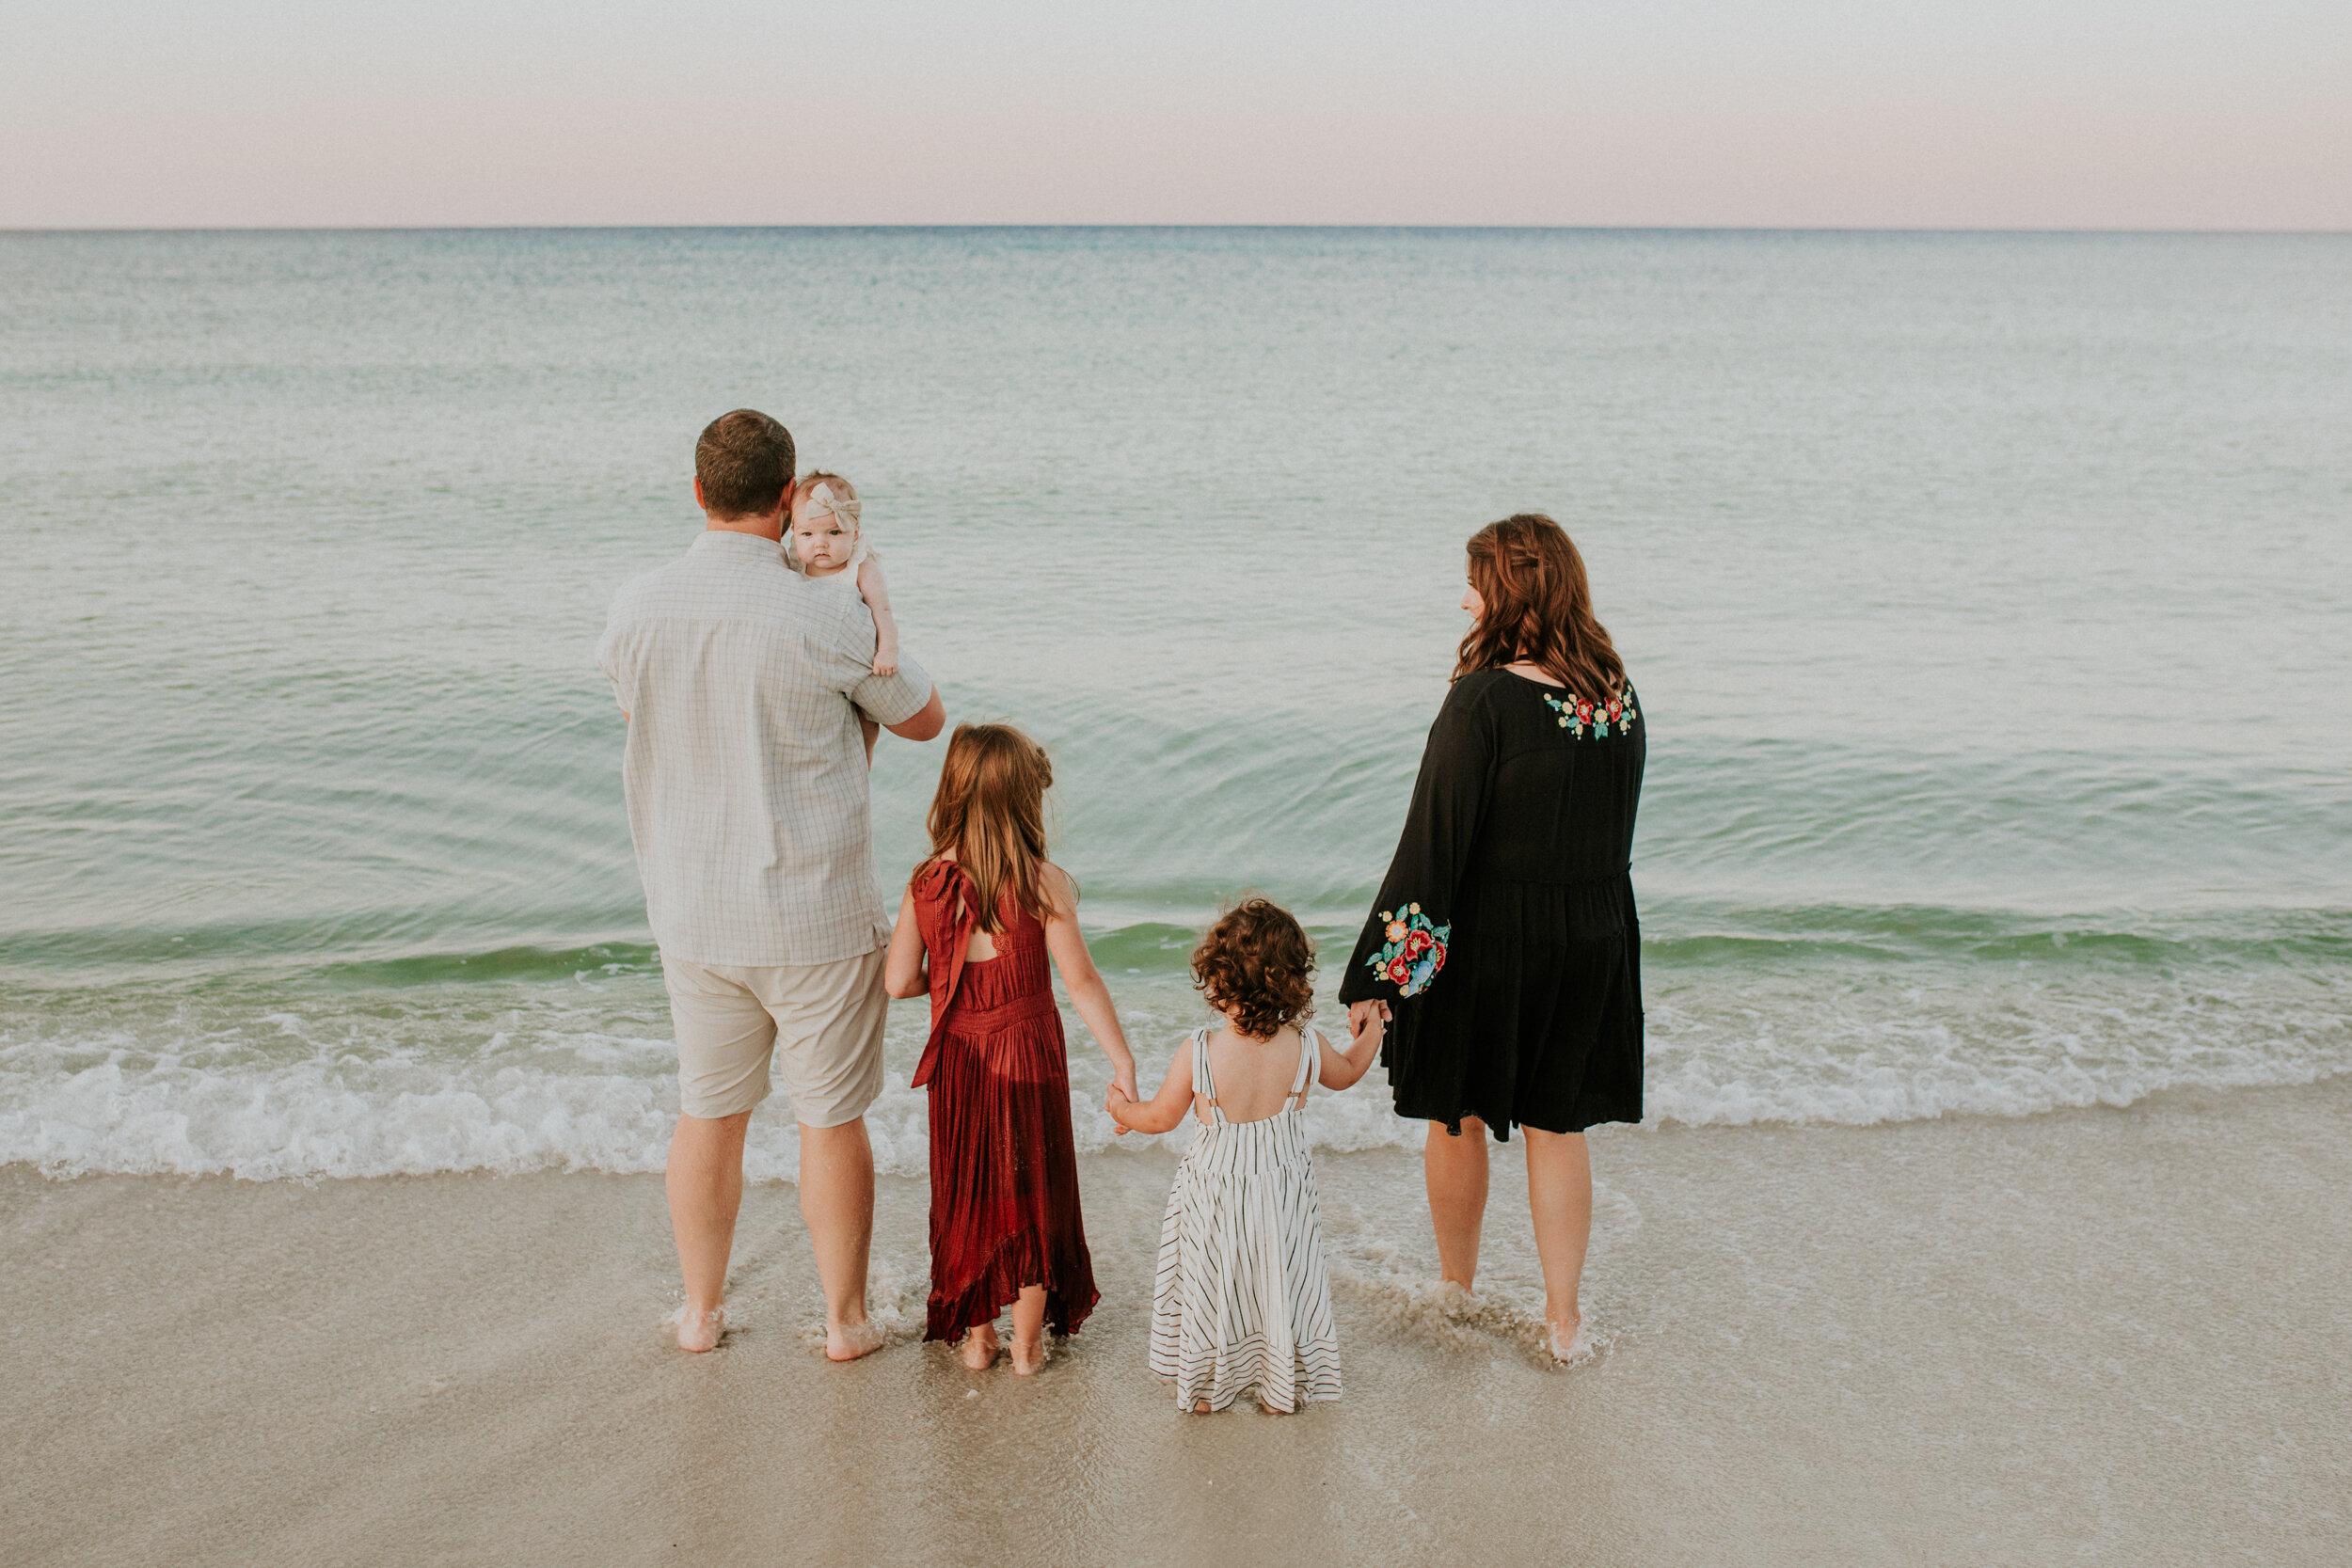 30a_Destin_Rosemary_Beach_Florida_Family_Photographer_Beach_Session-20.jpg